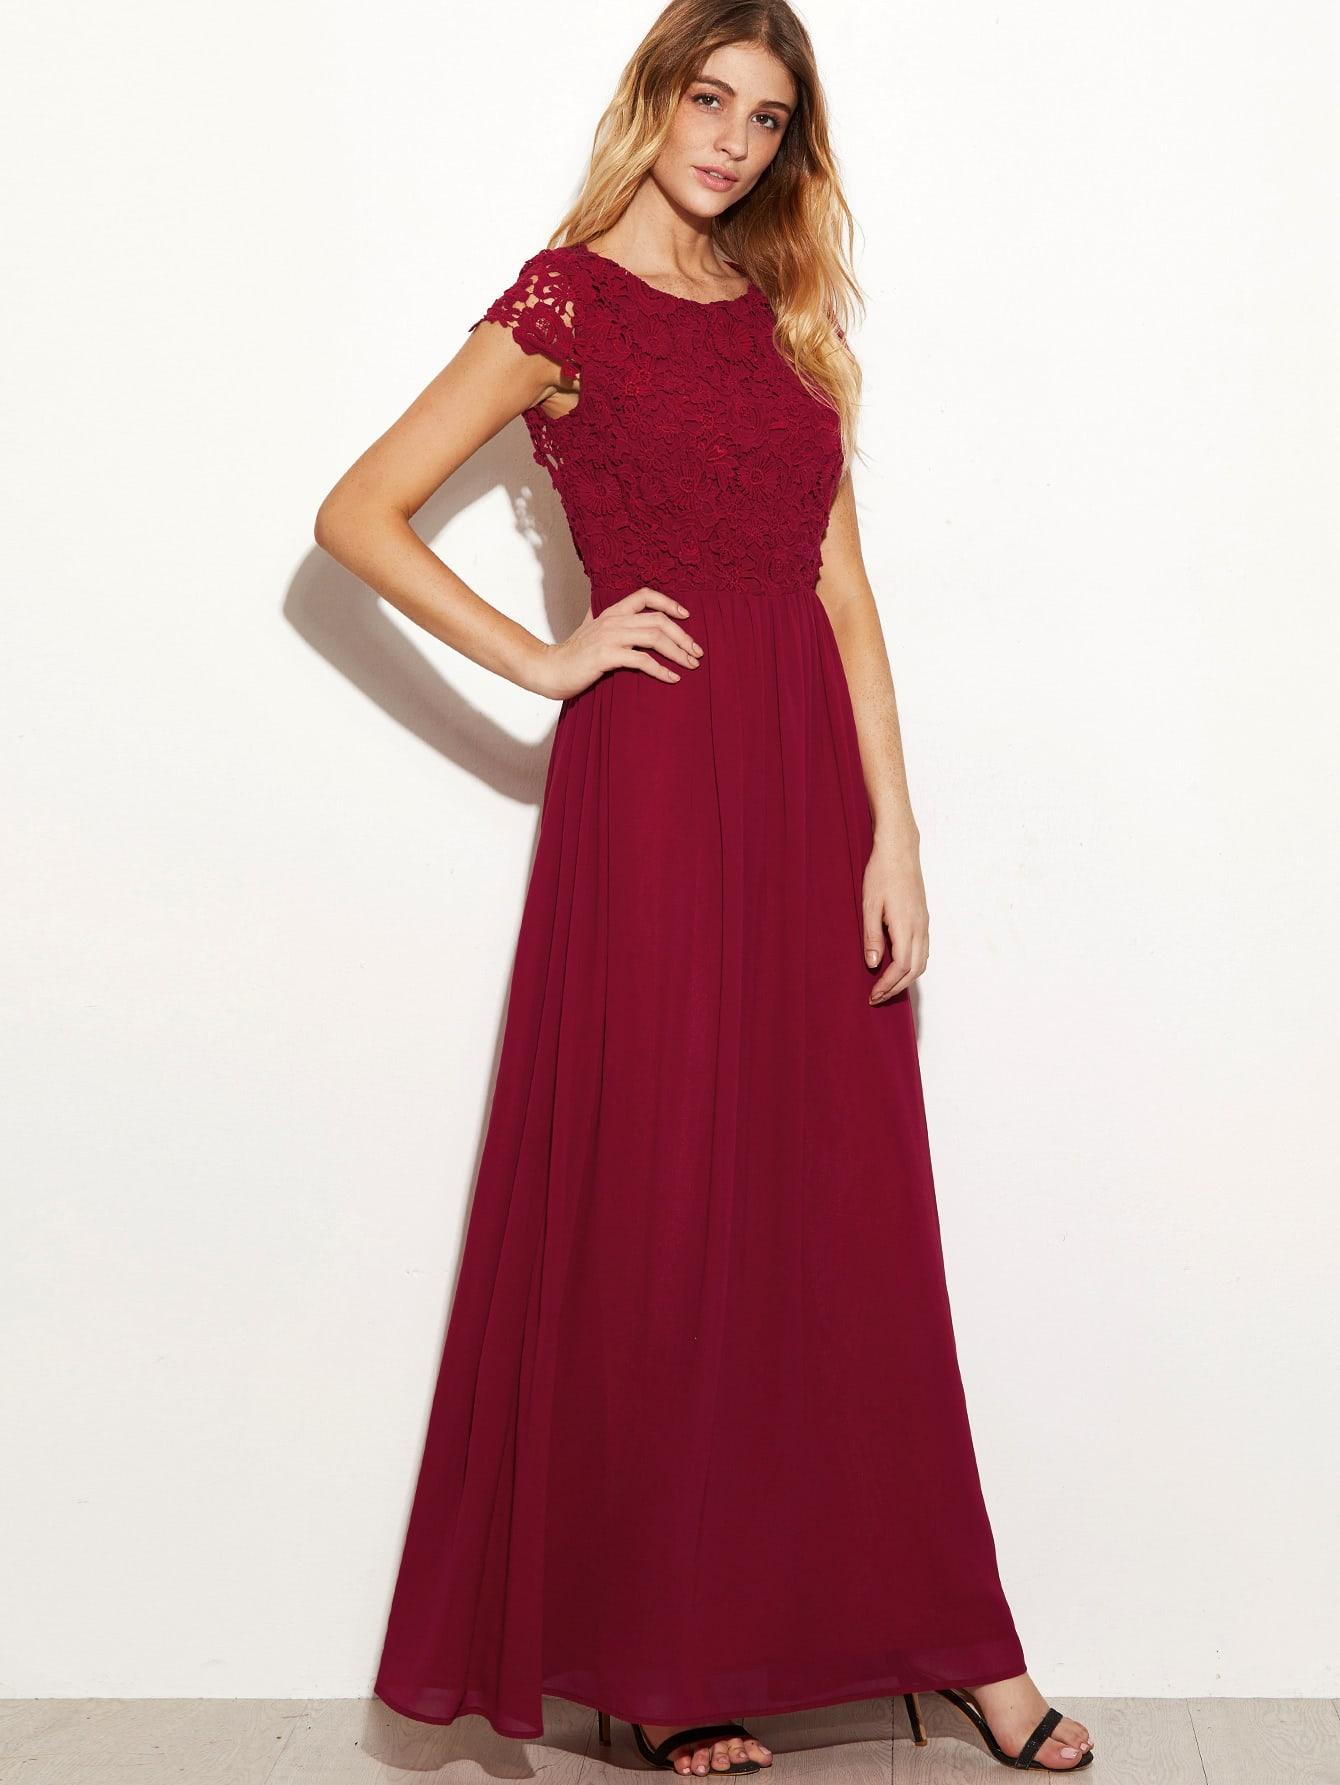 dress161111716_2